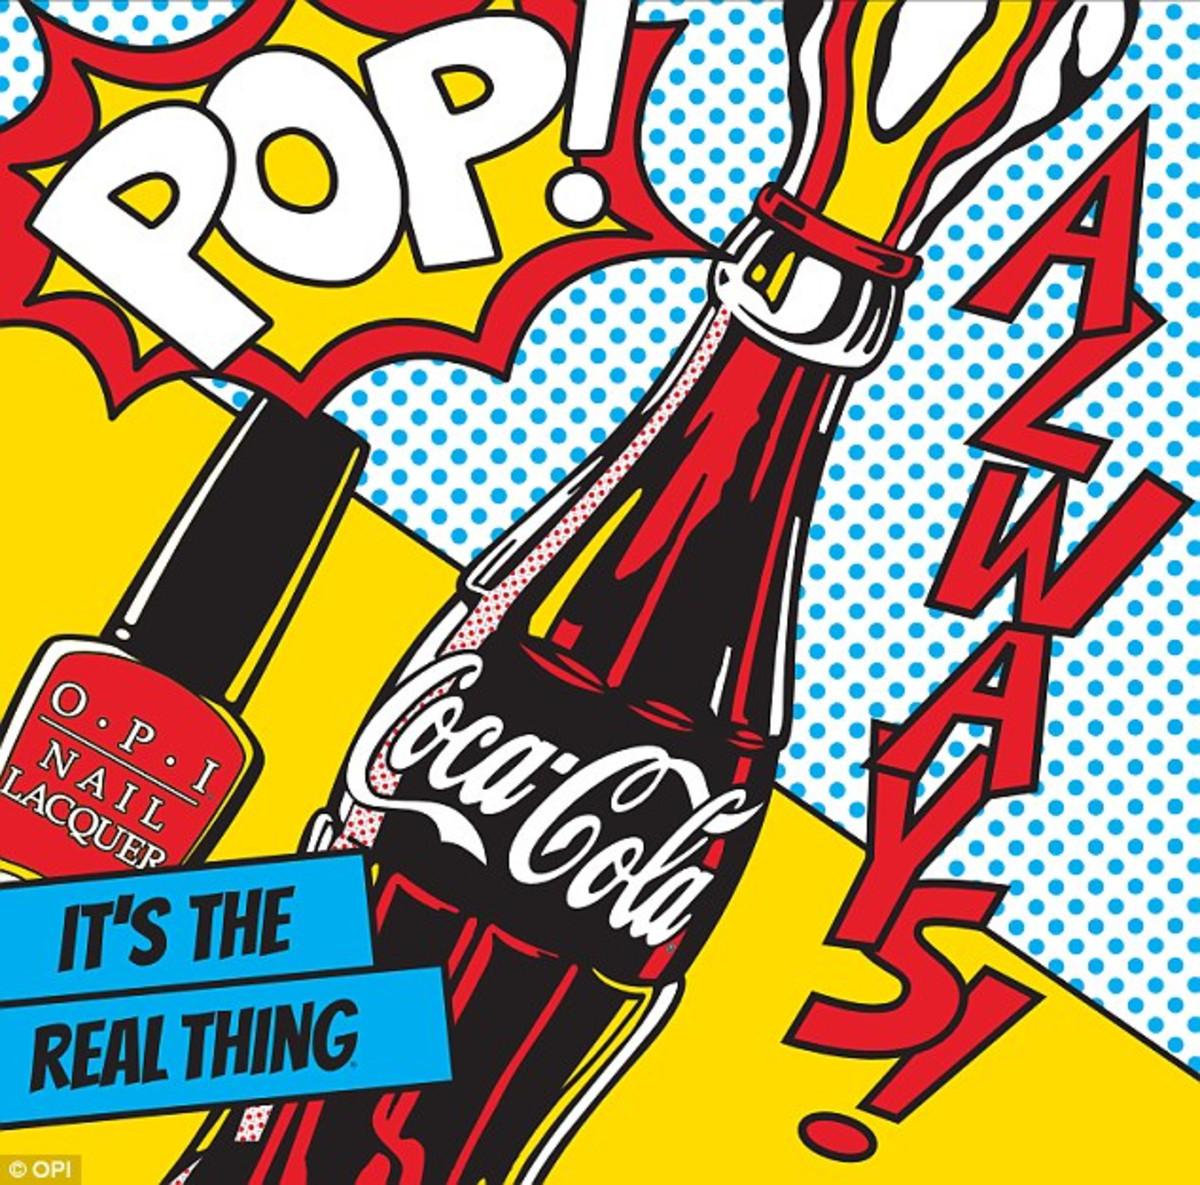 Beautygeeks OPI CocaCola 100